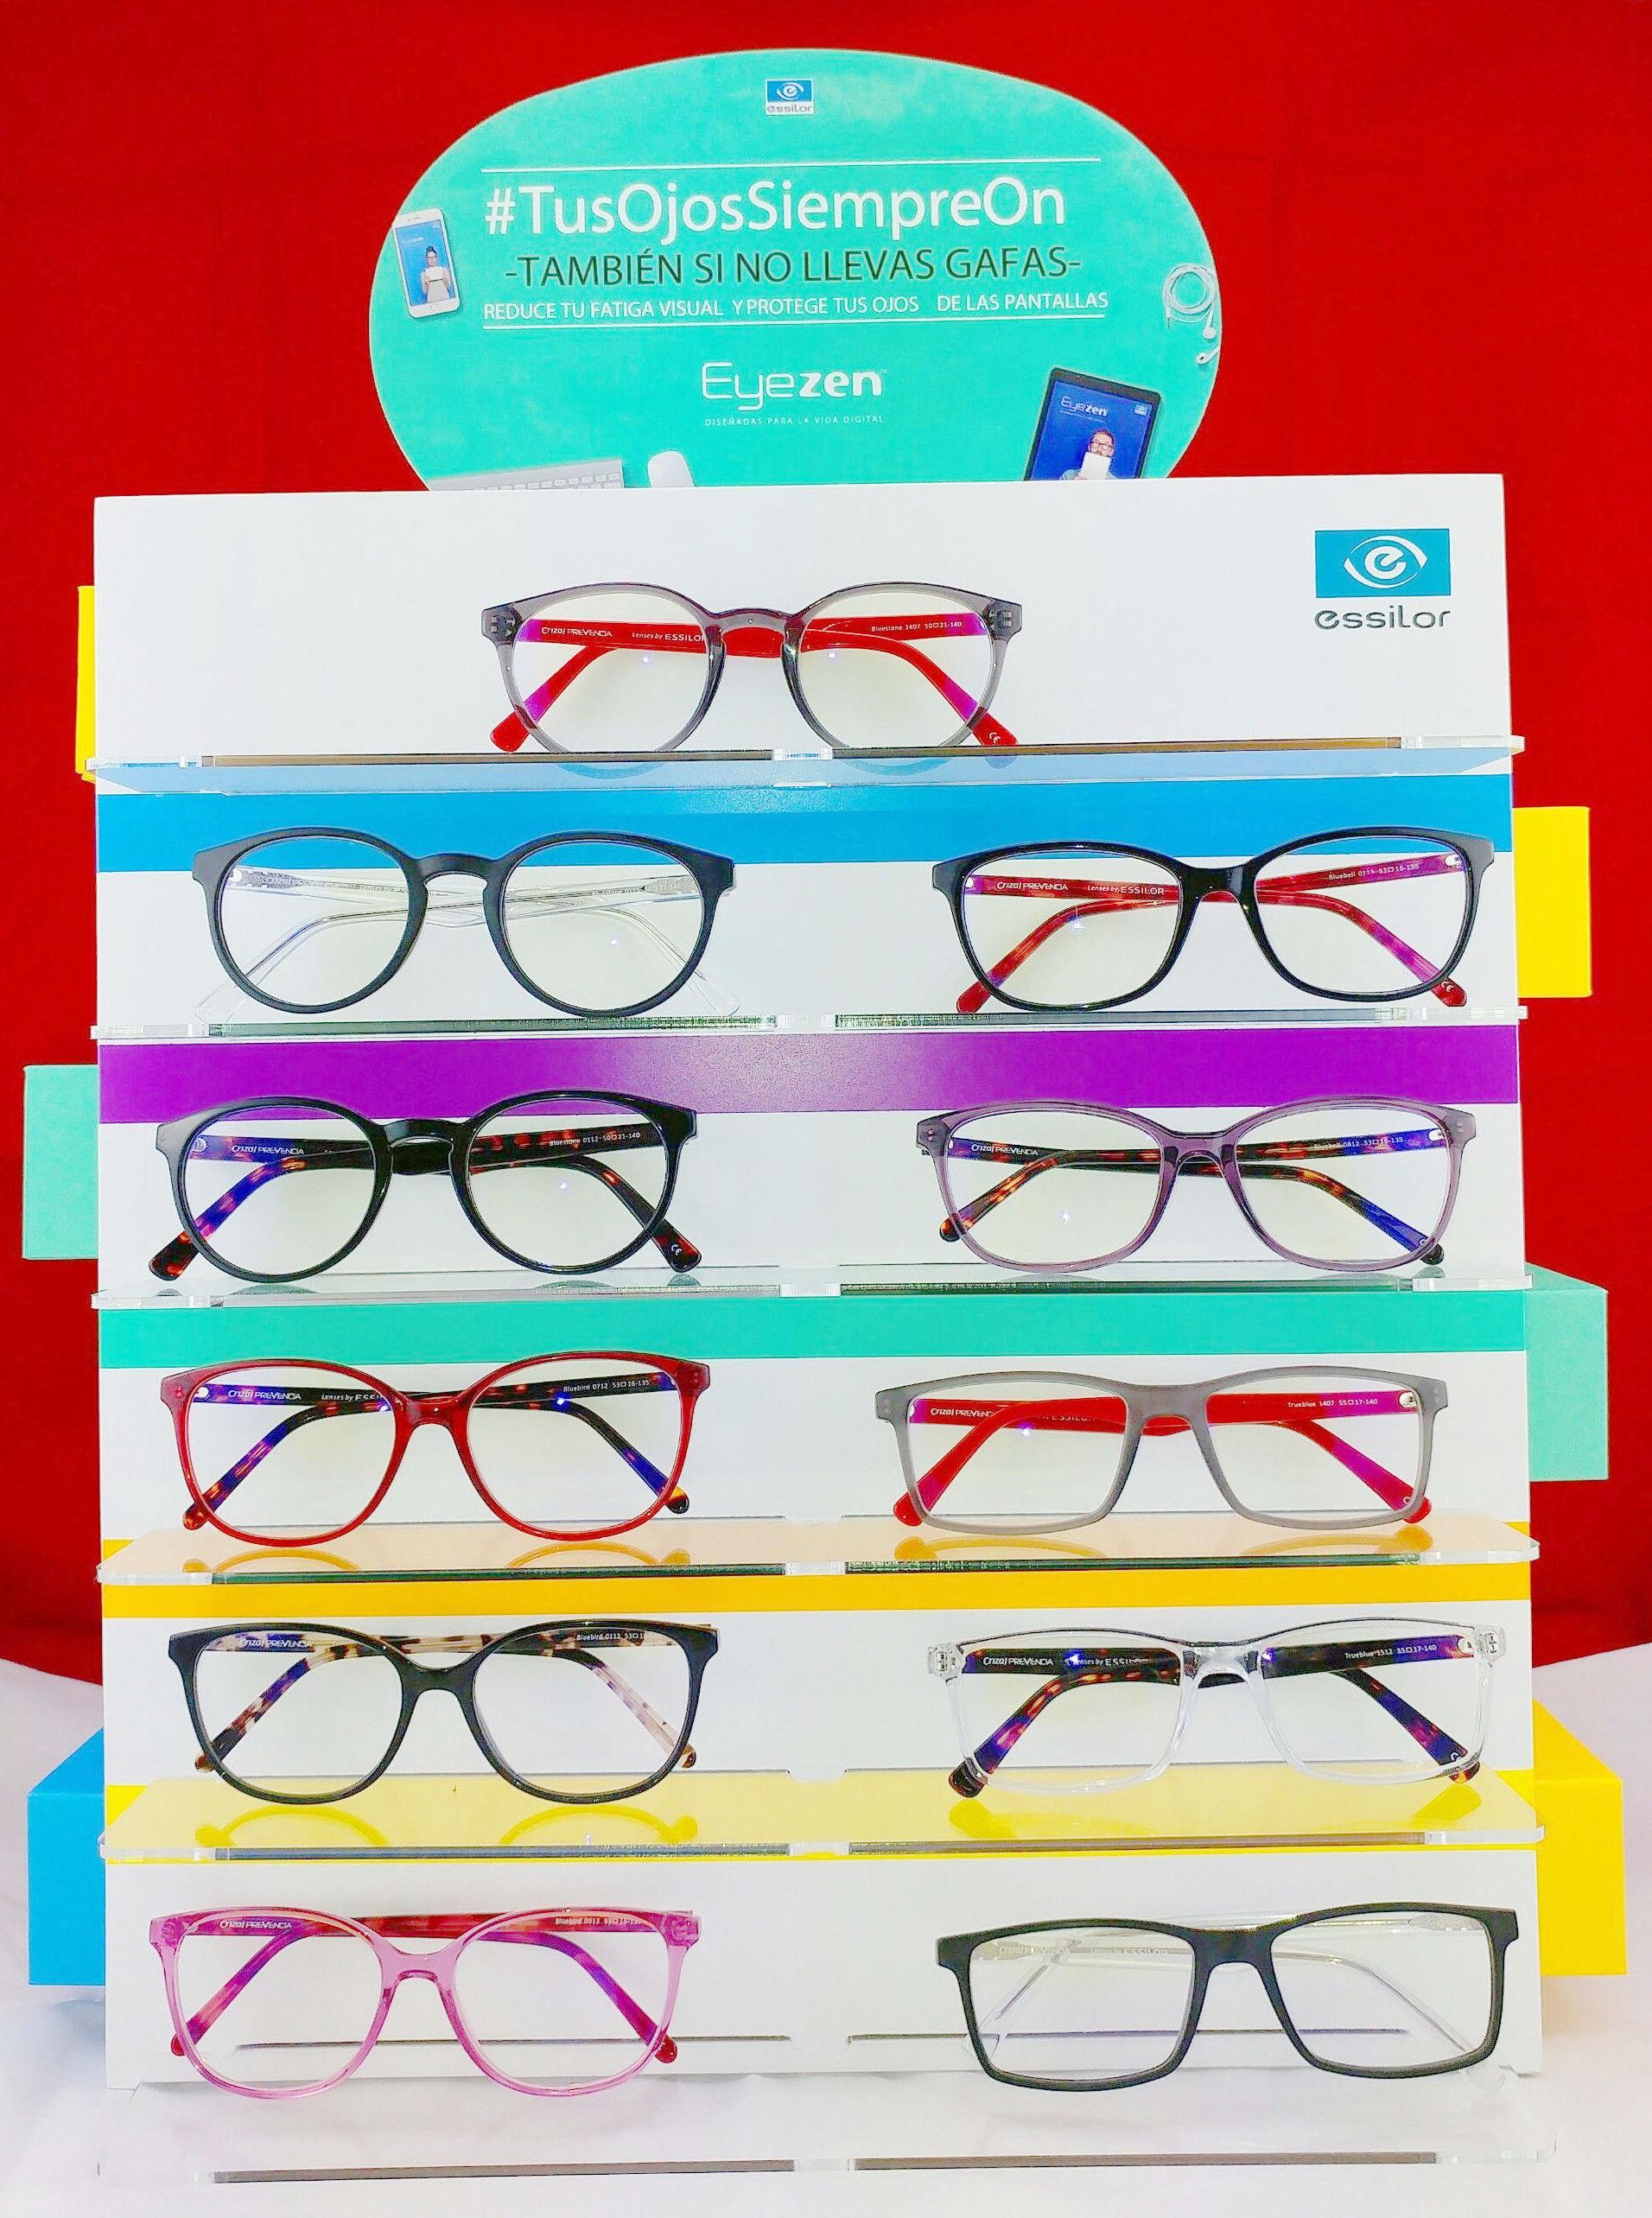 Gafas con filtro de luz azul en Fuenlabrada